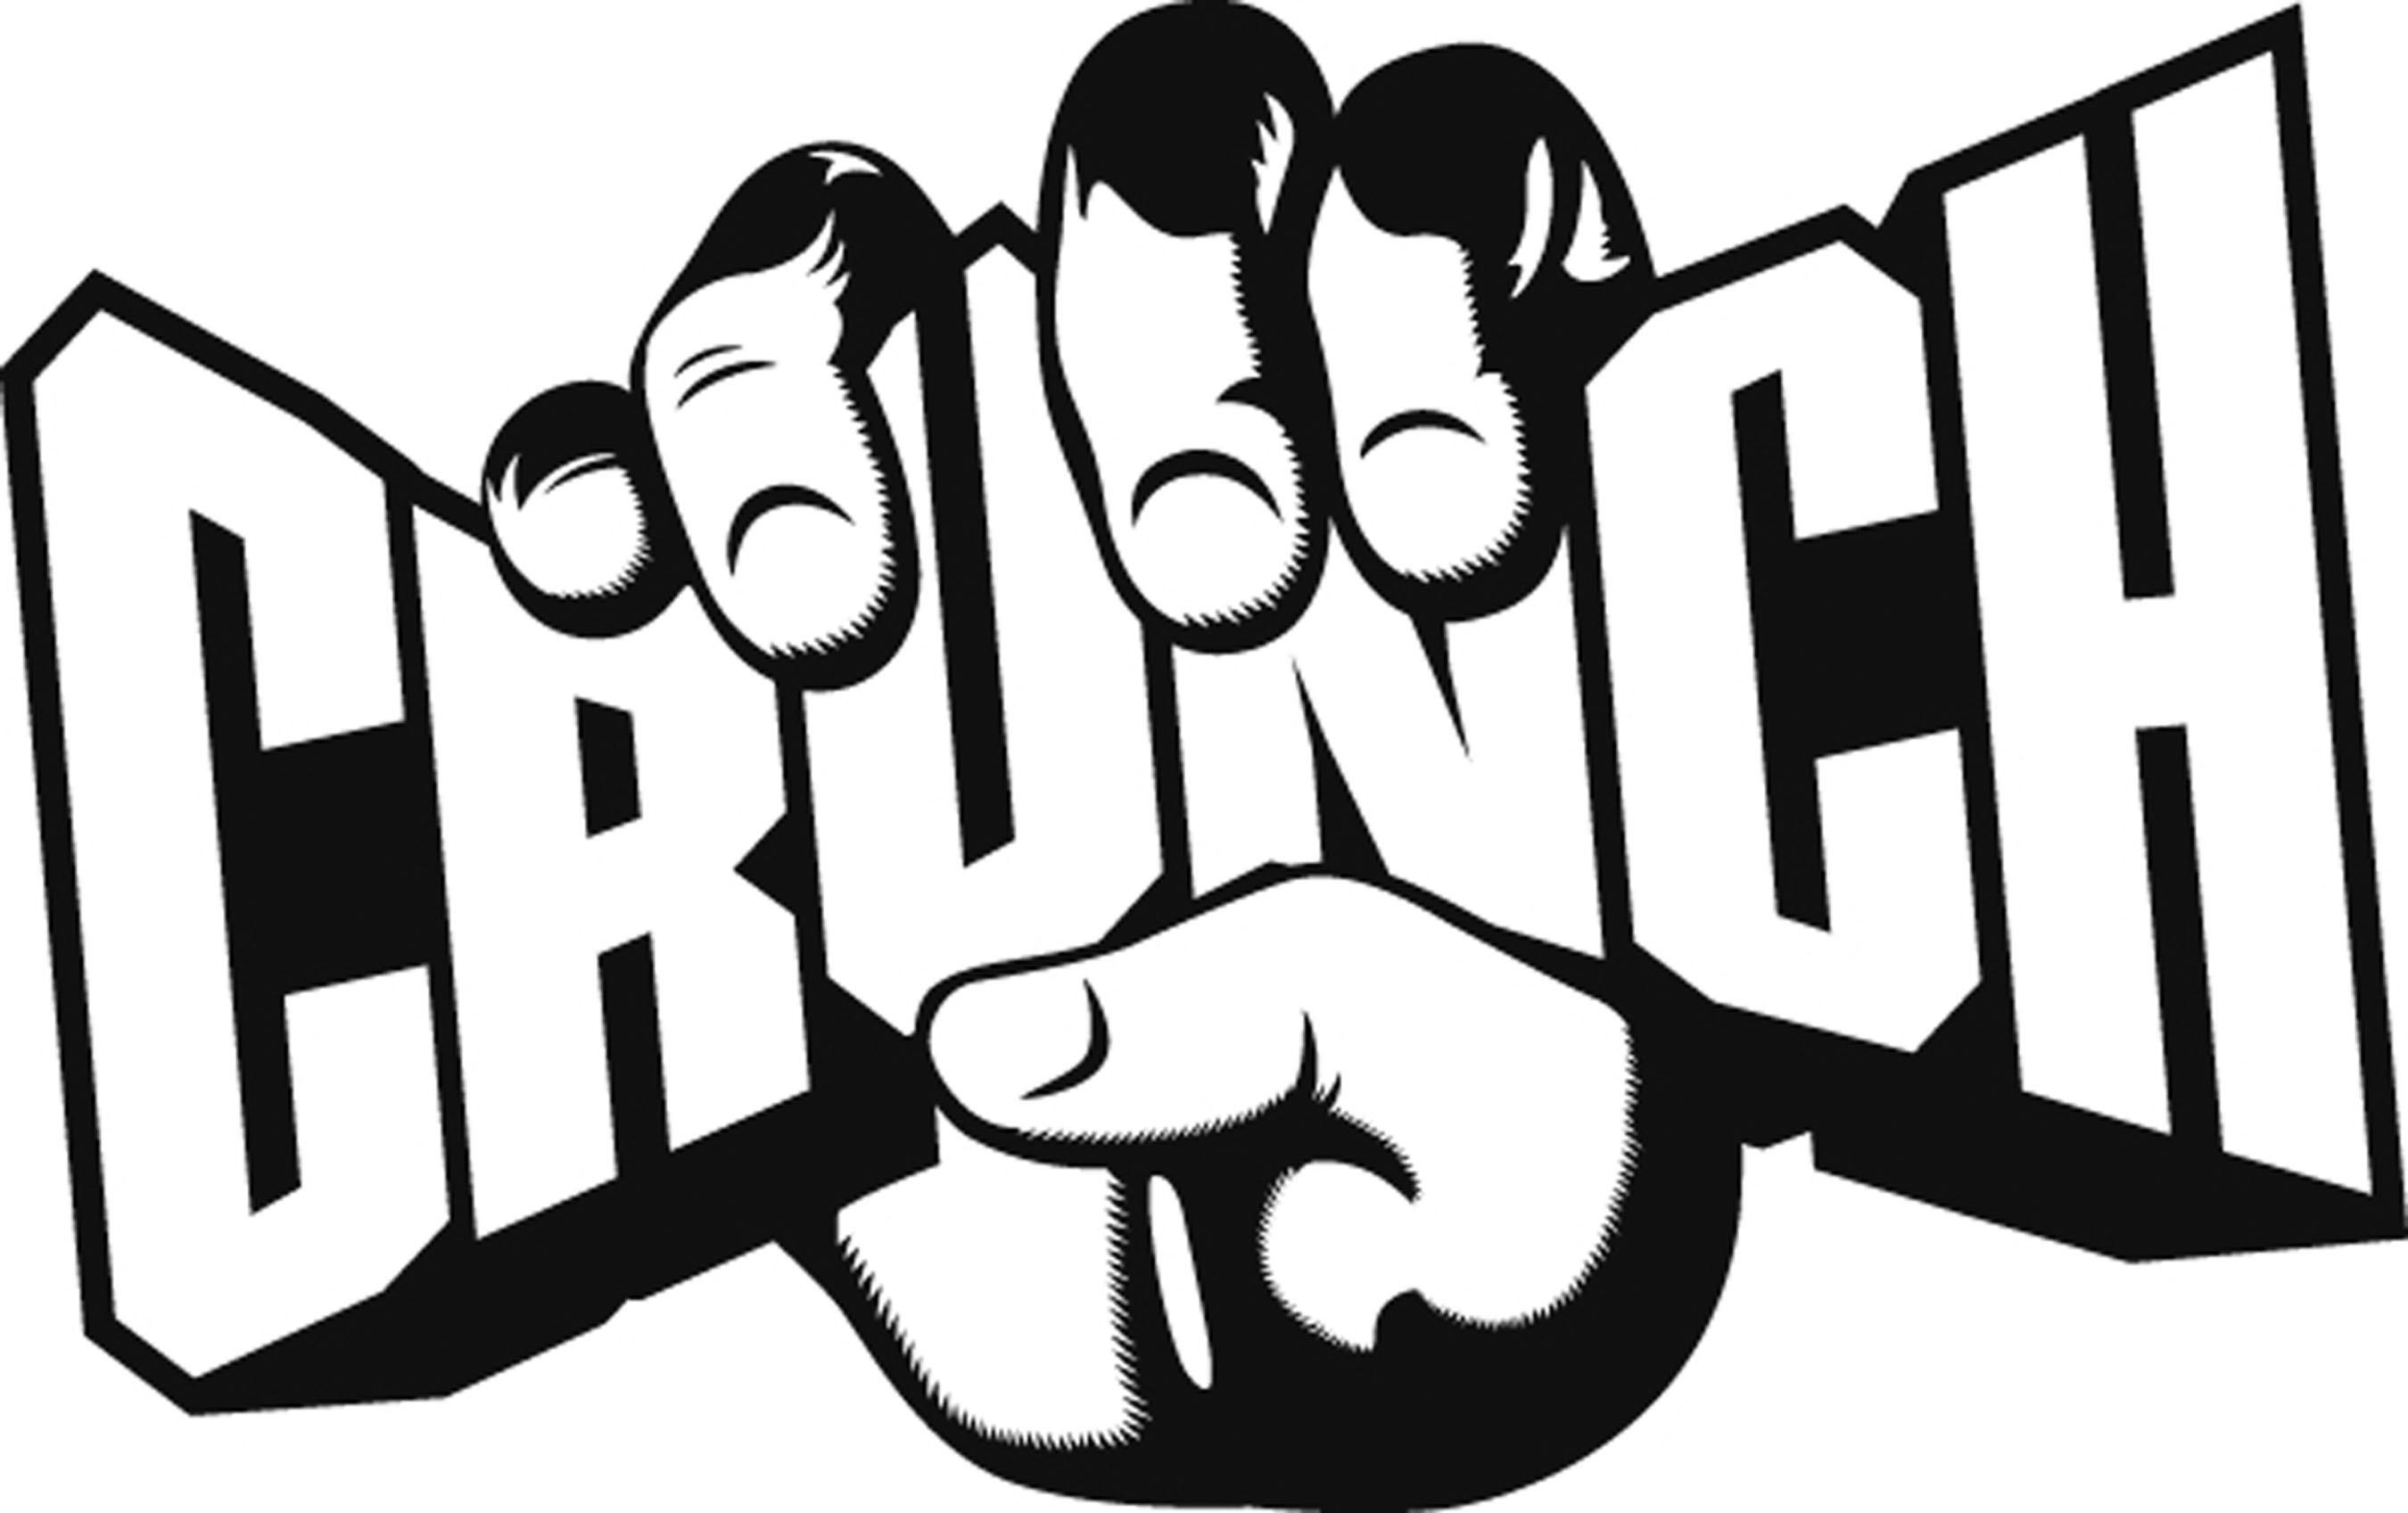 دانلود کرانچ crunch برای ویندوز با لینک مستقیم